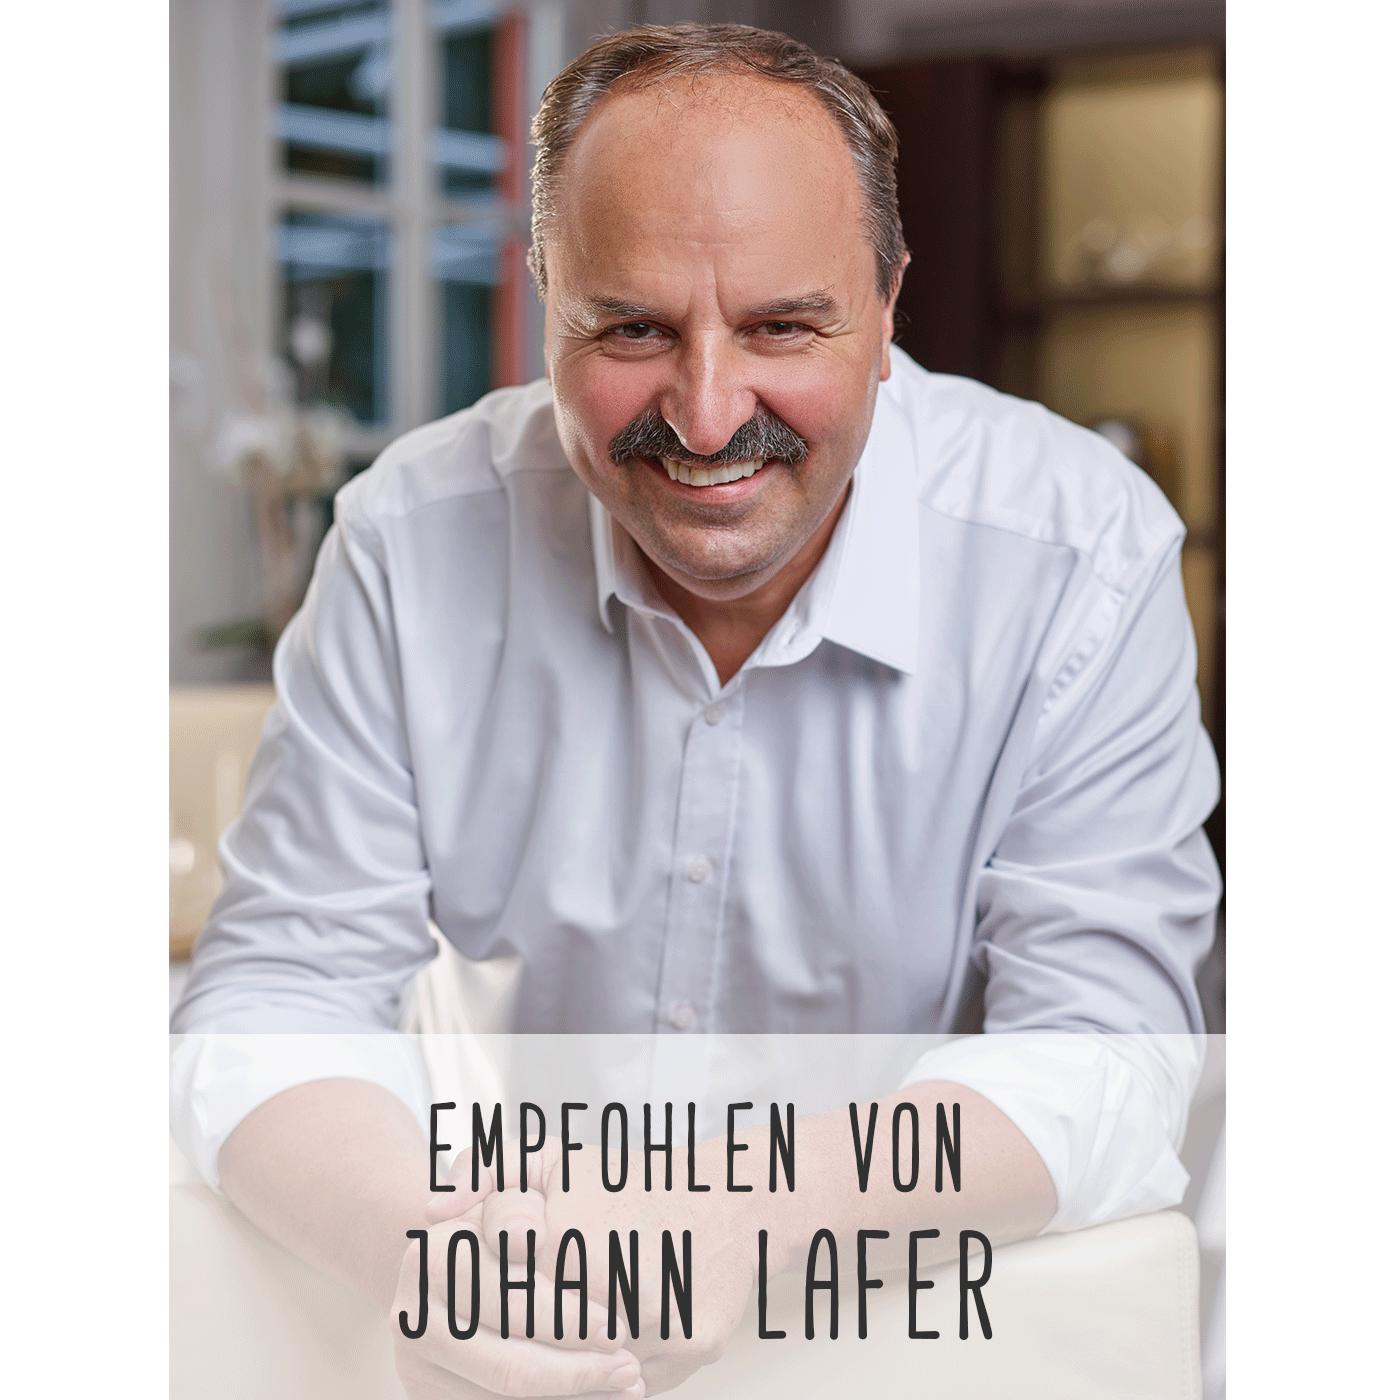 Empfohlen von Johann Lafer